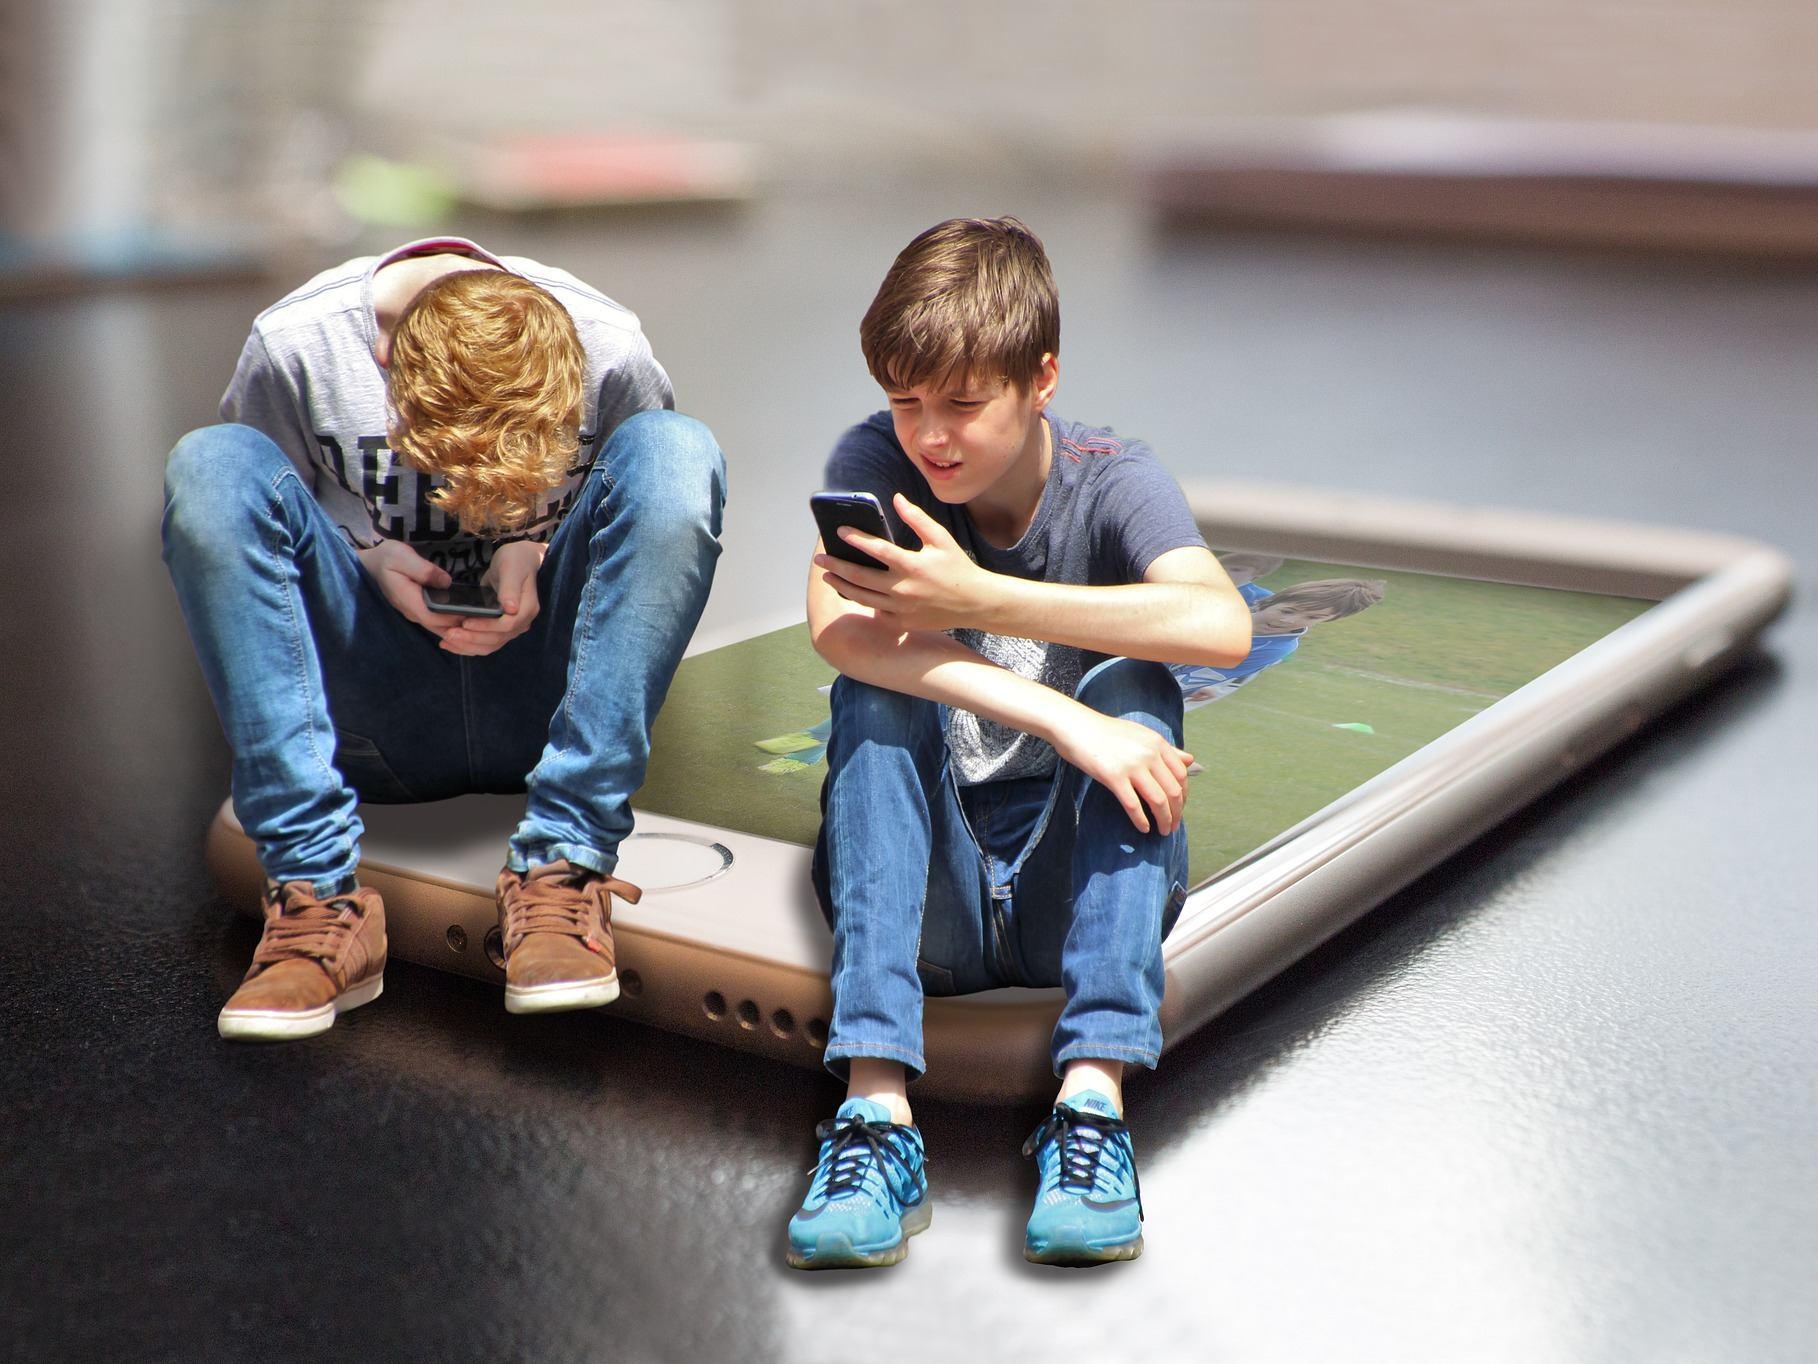 Zwei Kinder nutzen Smartphones, dabei sitzen sie symbilisch auf einem übergroßen Smartphone